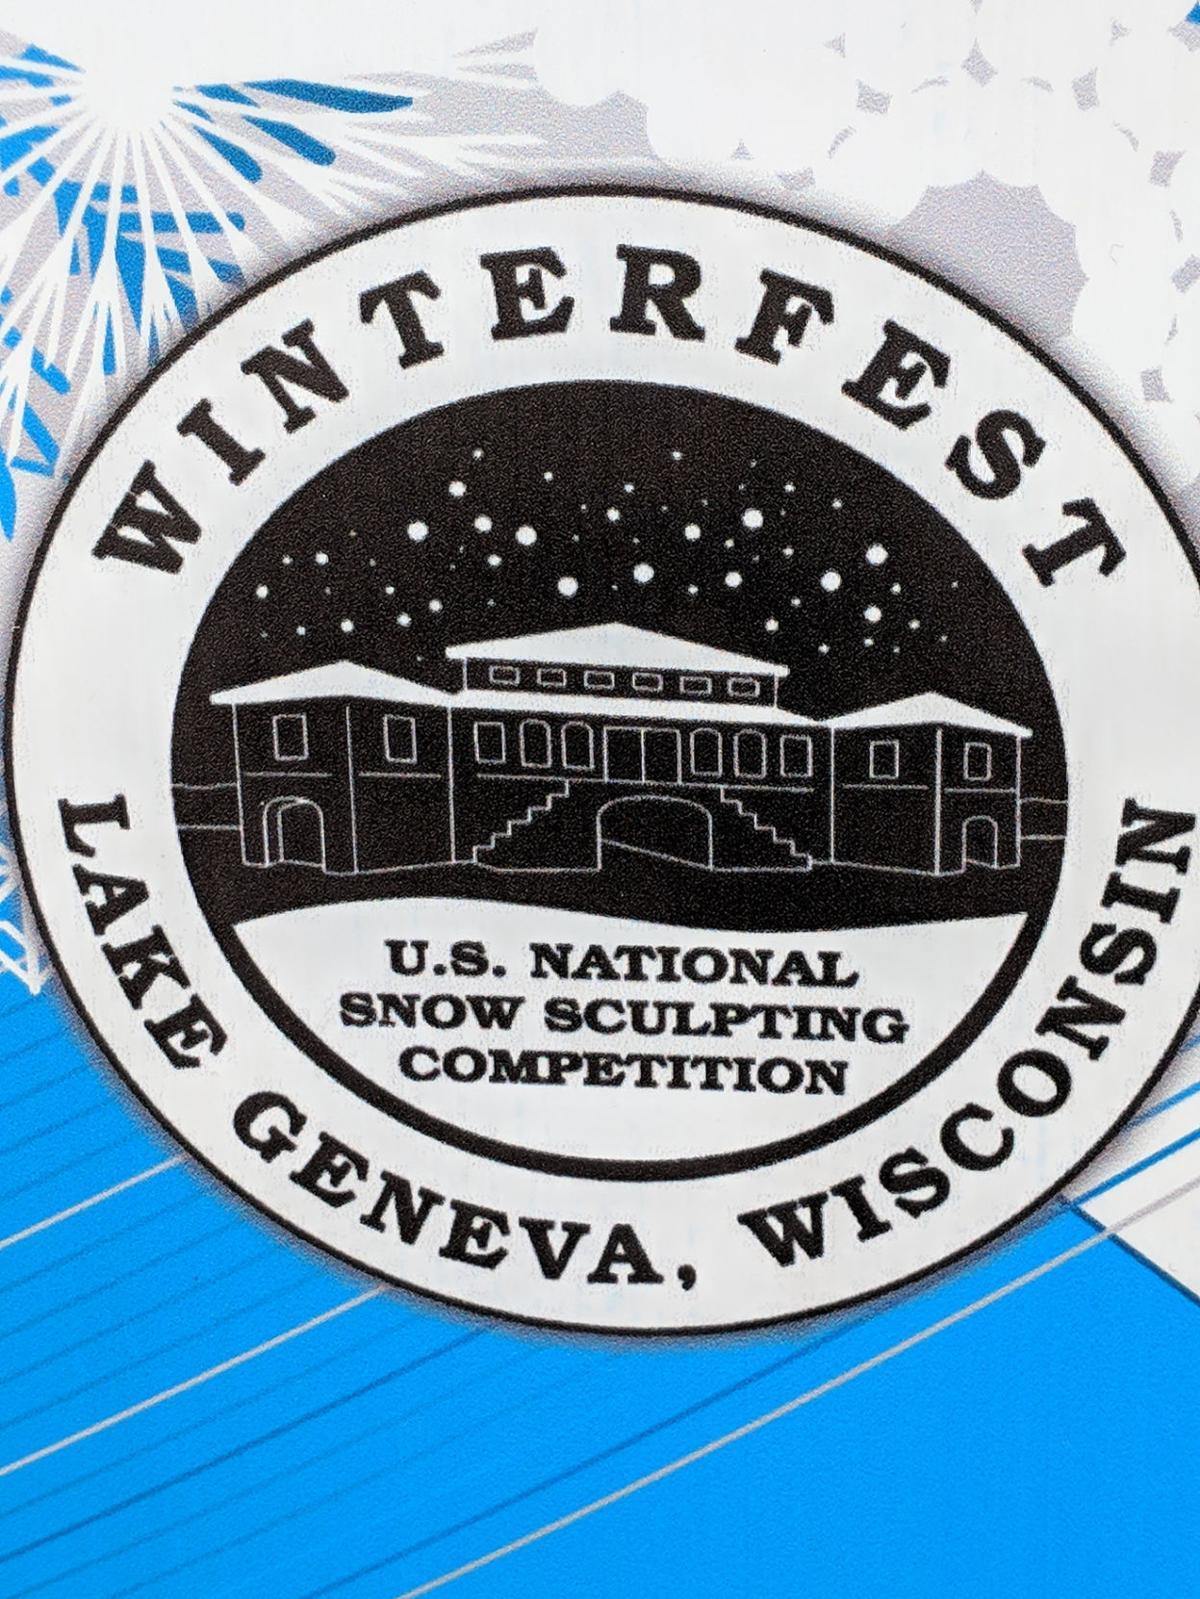 Winterfest logo.jpg